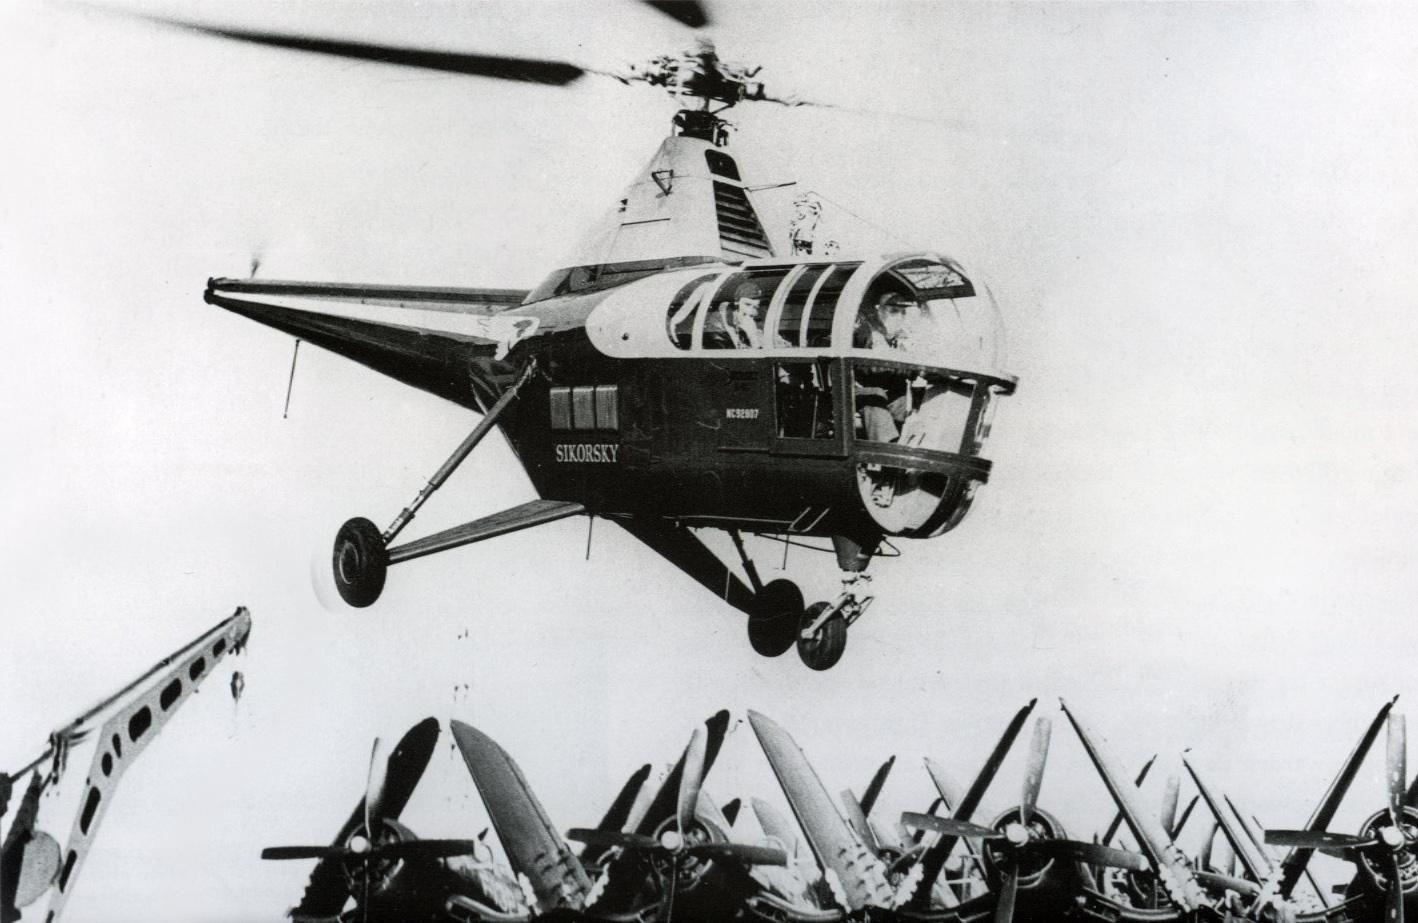 Sikorsky S.51 – Nico Geldhof